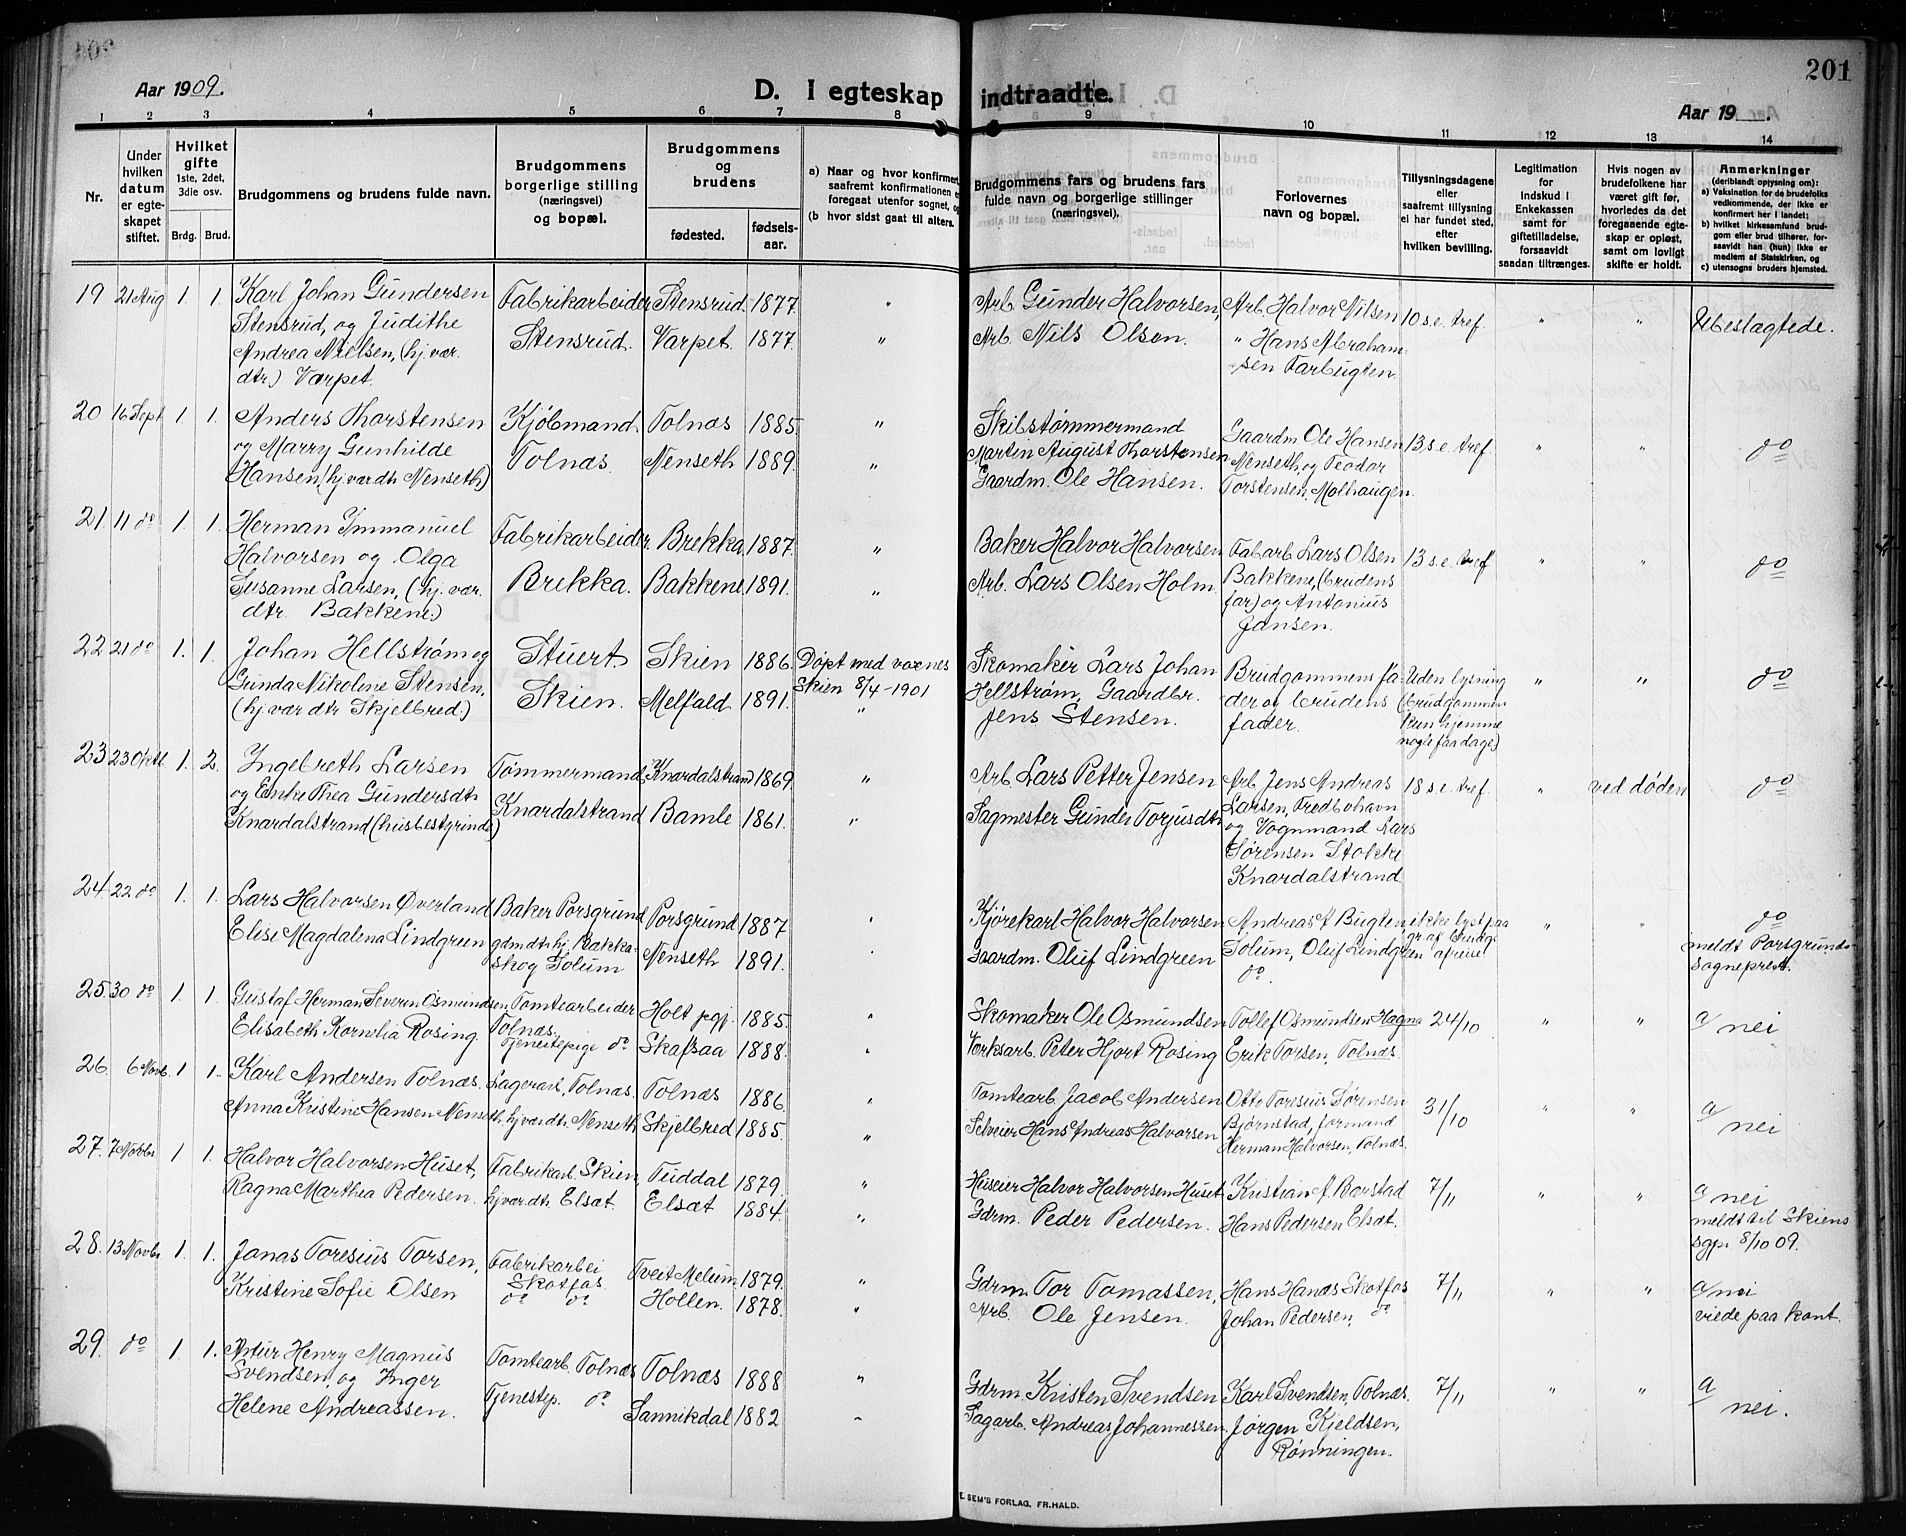 SAKO, Solum kirkebøker, G/Ga/L0009: Klokkerbok nr. I 9, 1909-1922, s. 201